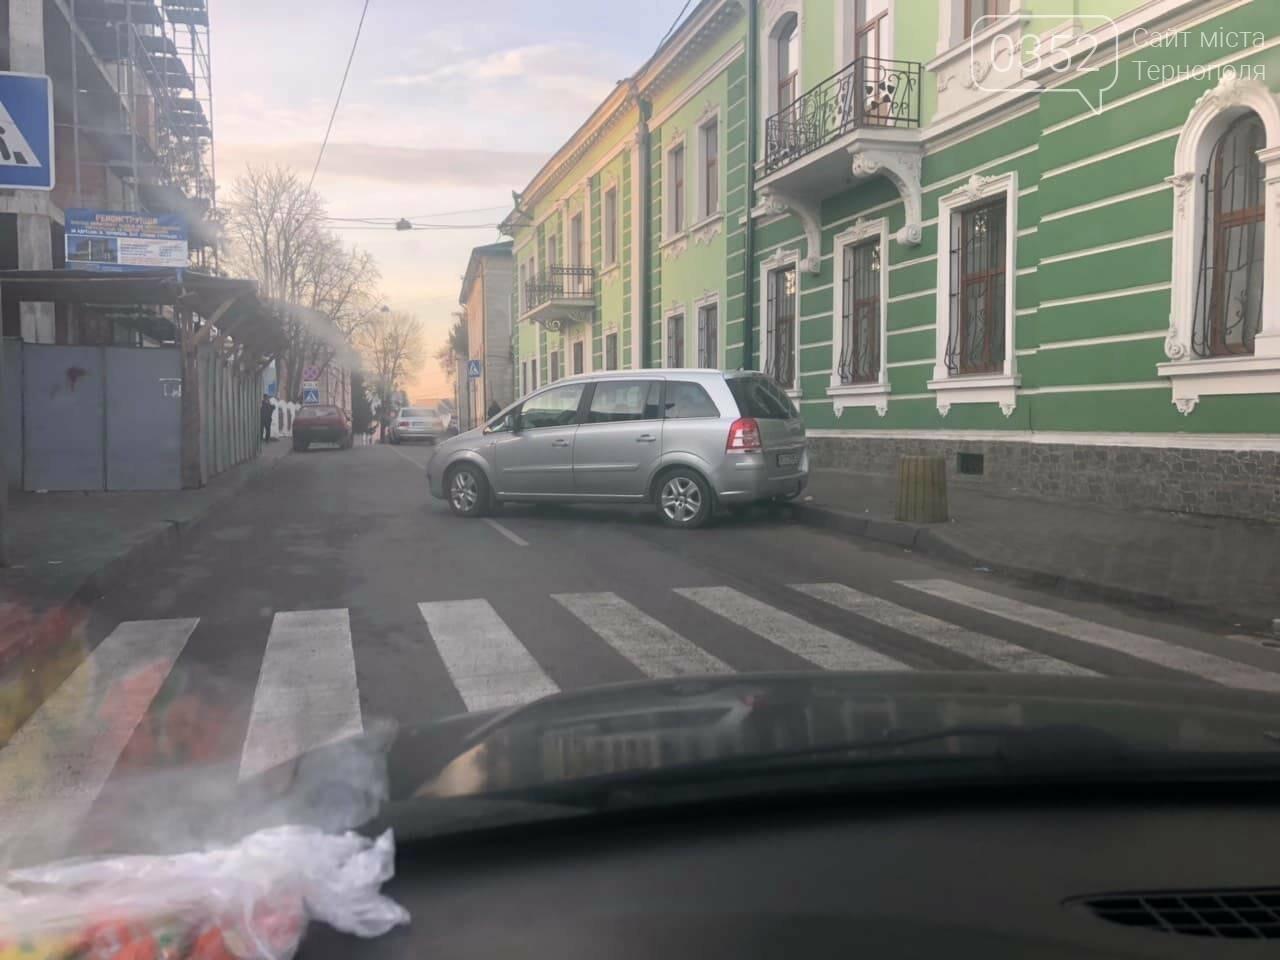 У Тернополі на вулиці Січових Стрільців невідомий припаркував своє авто посеред дороги (ФОТО), фото-4